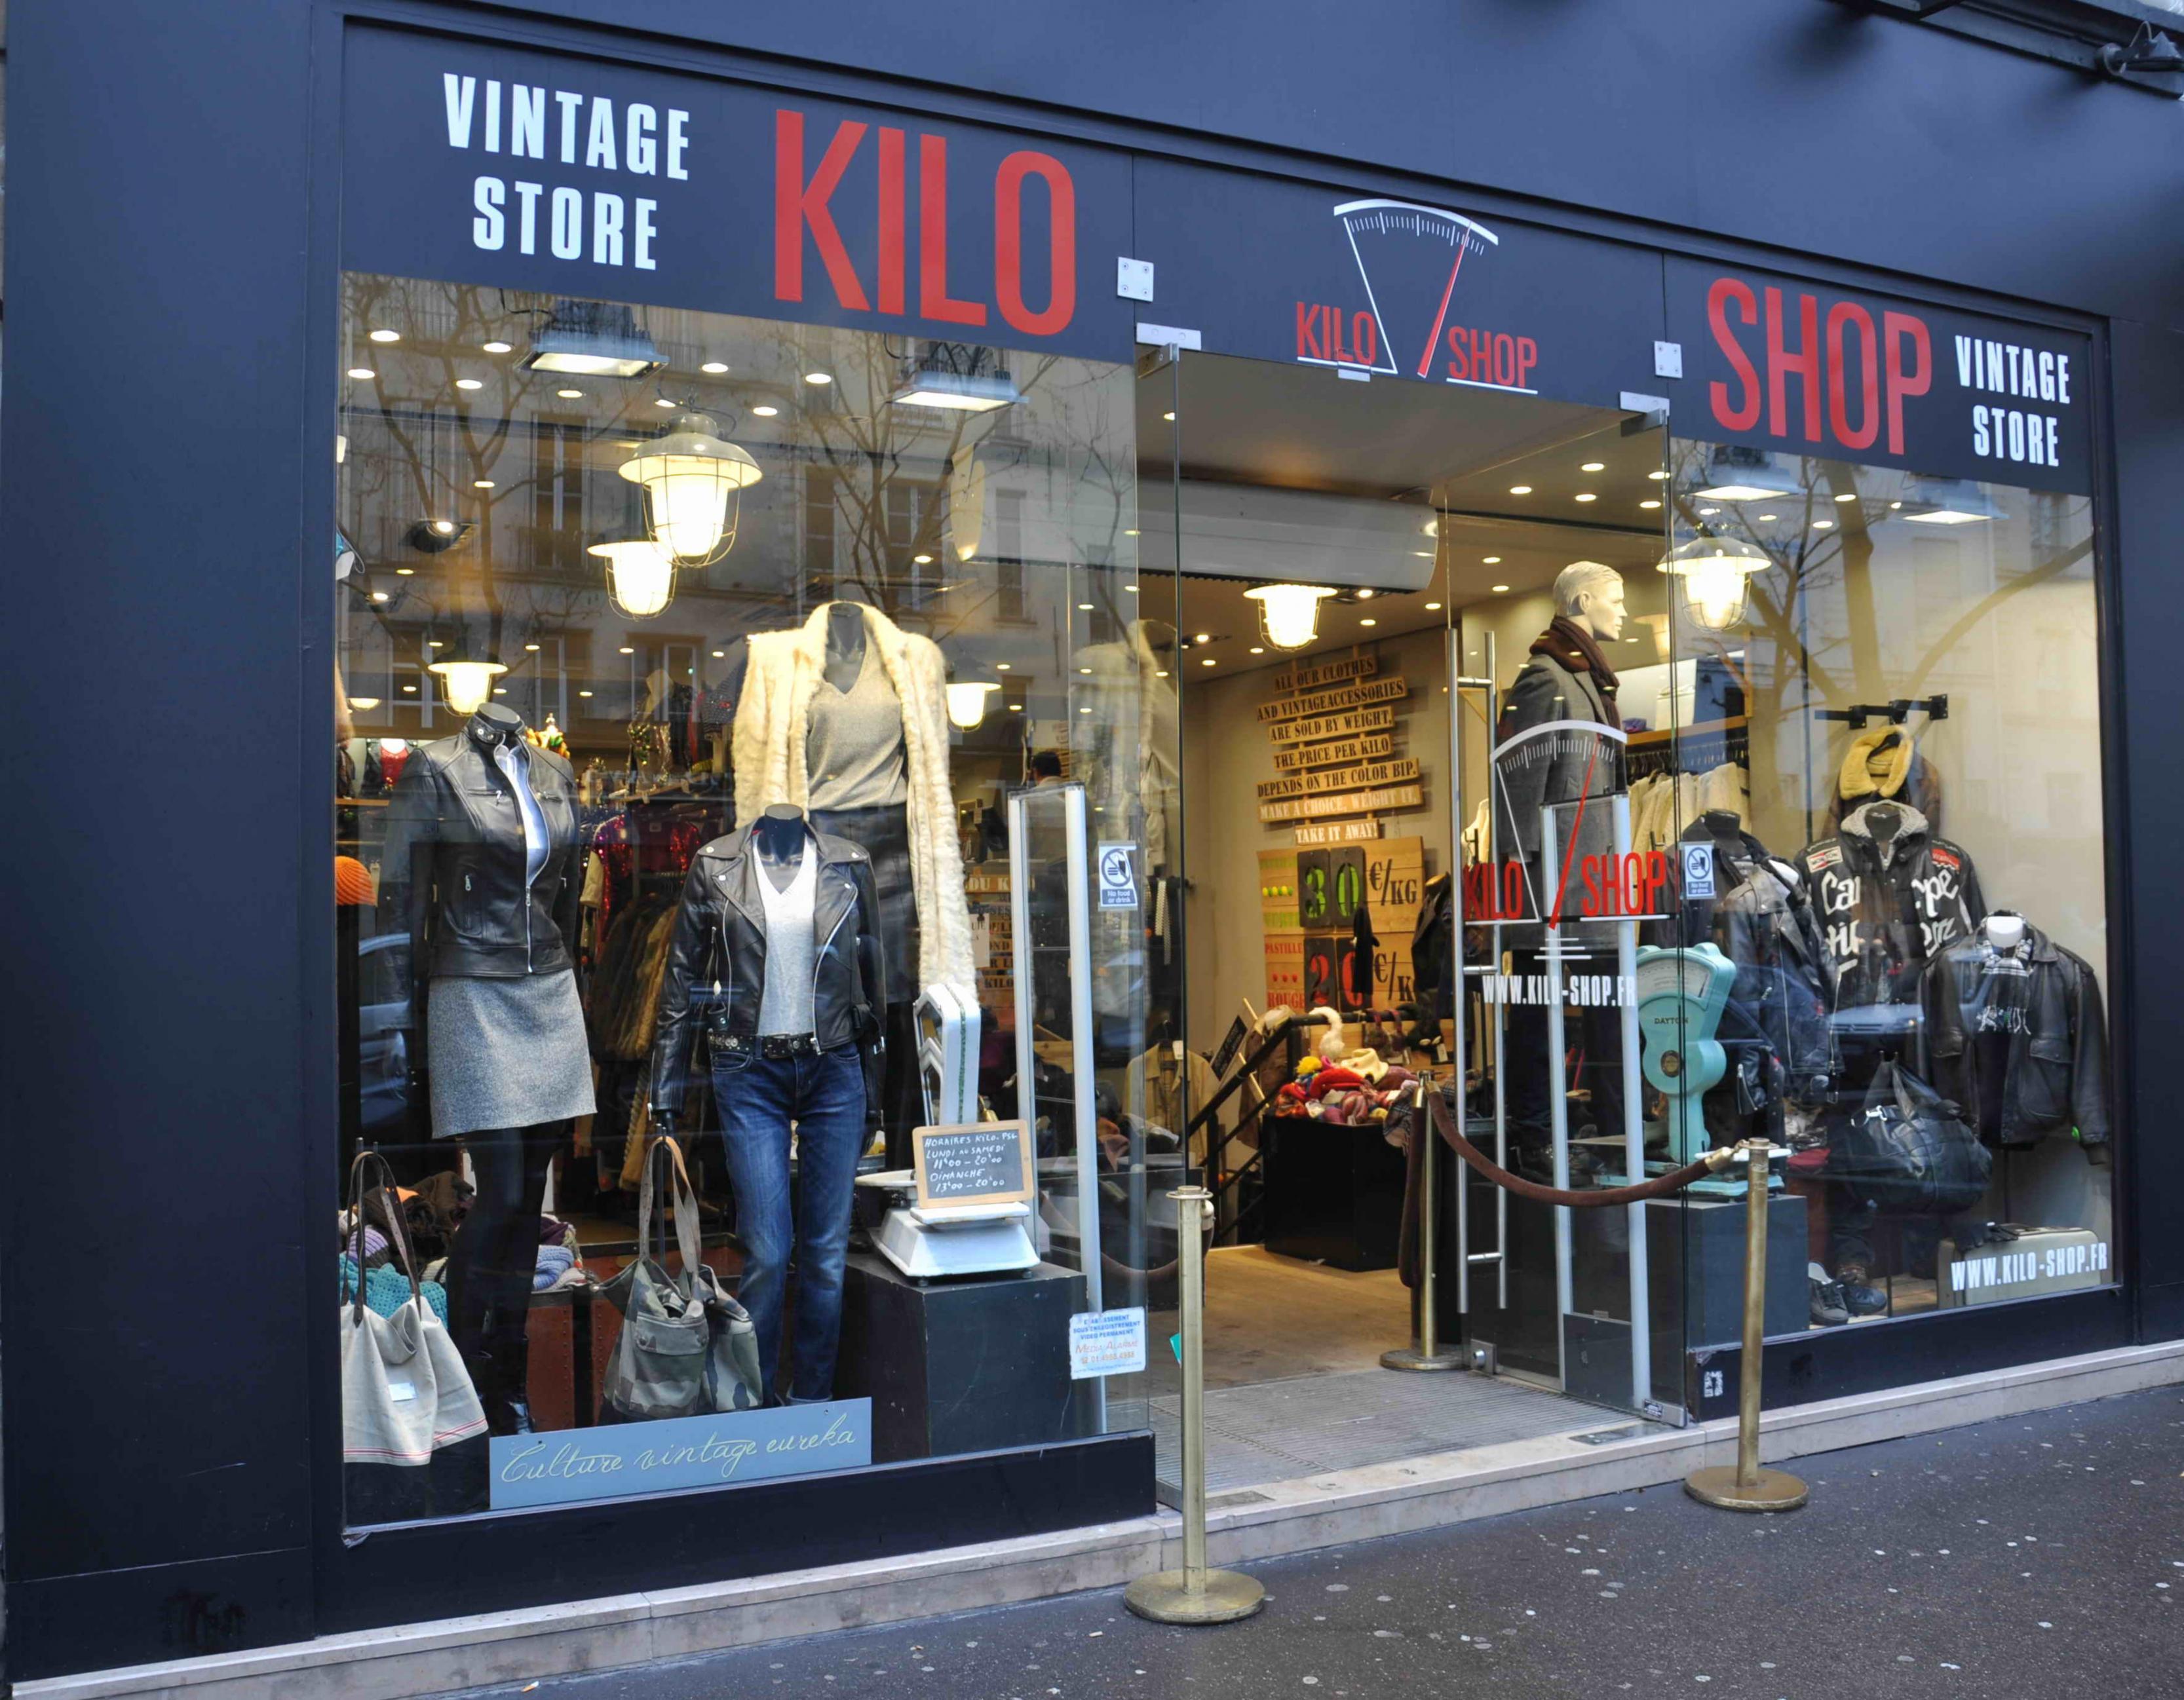 بالصور محلات ملابس , اجدد اماكن لبيع الملابس 3274 3